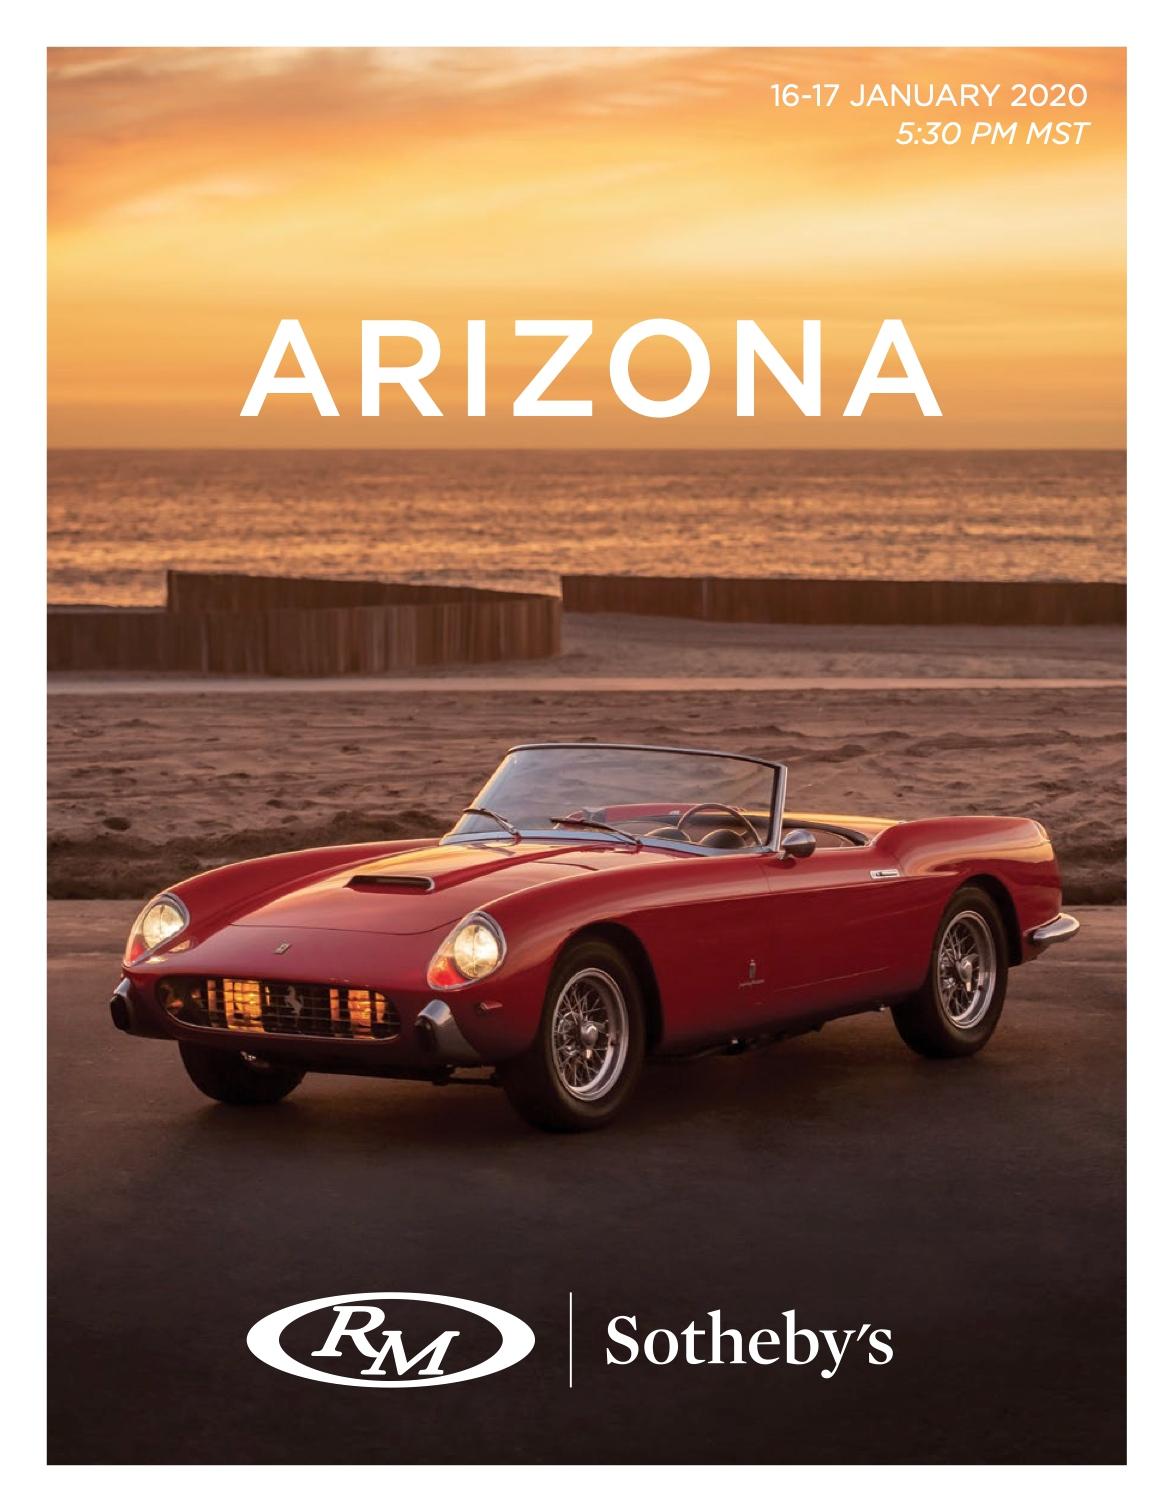 RM Sotheby's Car Auction AZ20 January 2020